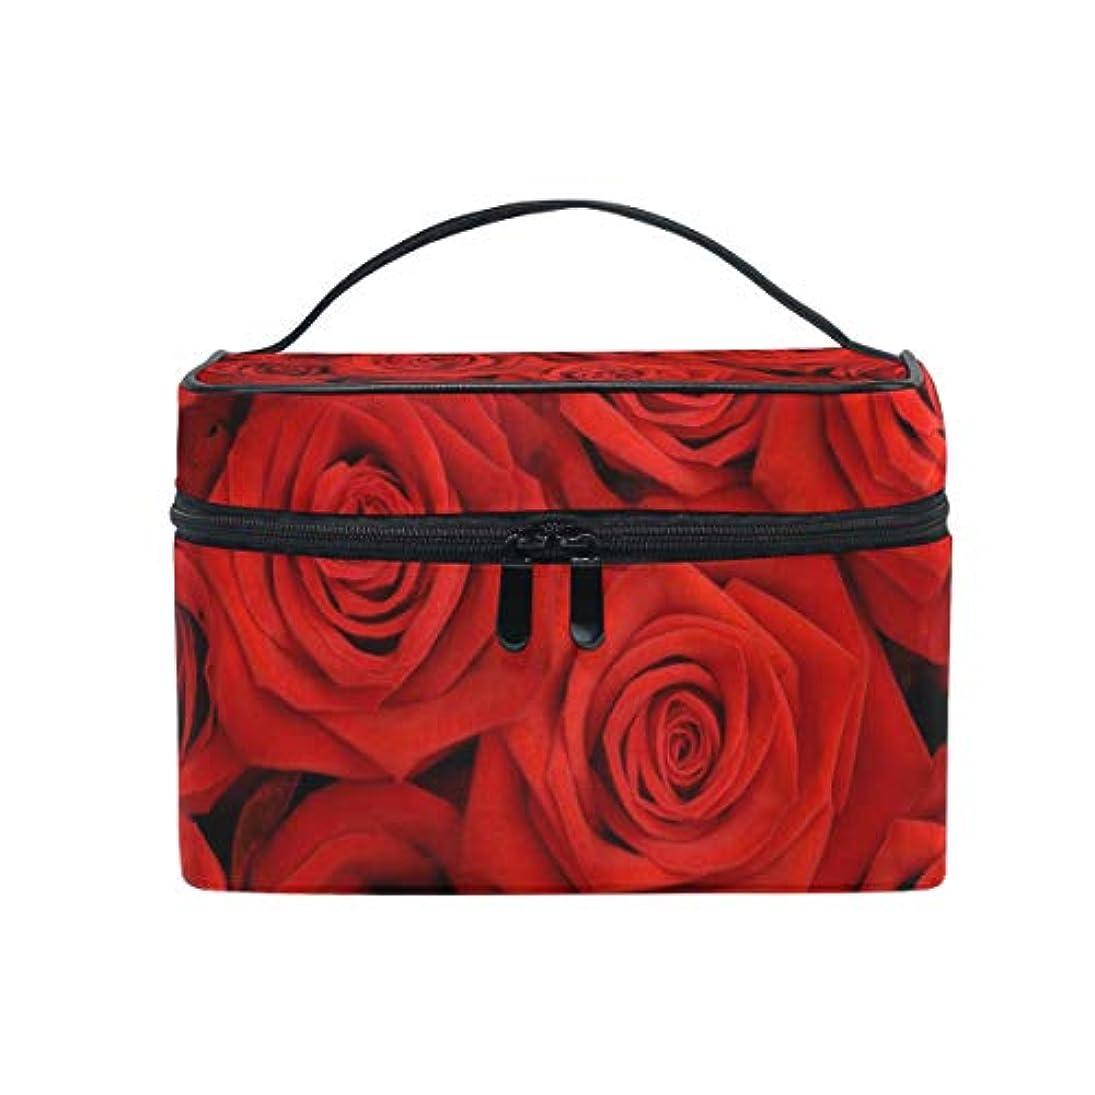 推測エッセンスユキオ(UKIO) メイクポーチ 大容量 シンプル かわいい 持ち運び 旅行 化粧ポーチ コスメバッグ 化粧品 大きなバラ 赤い レディース 収納ケース ポーチ 収納ボックス 化粧箱 メイクバッグ